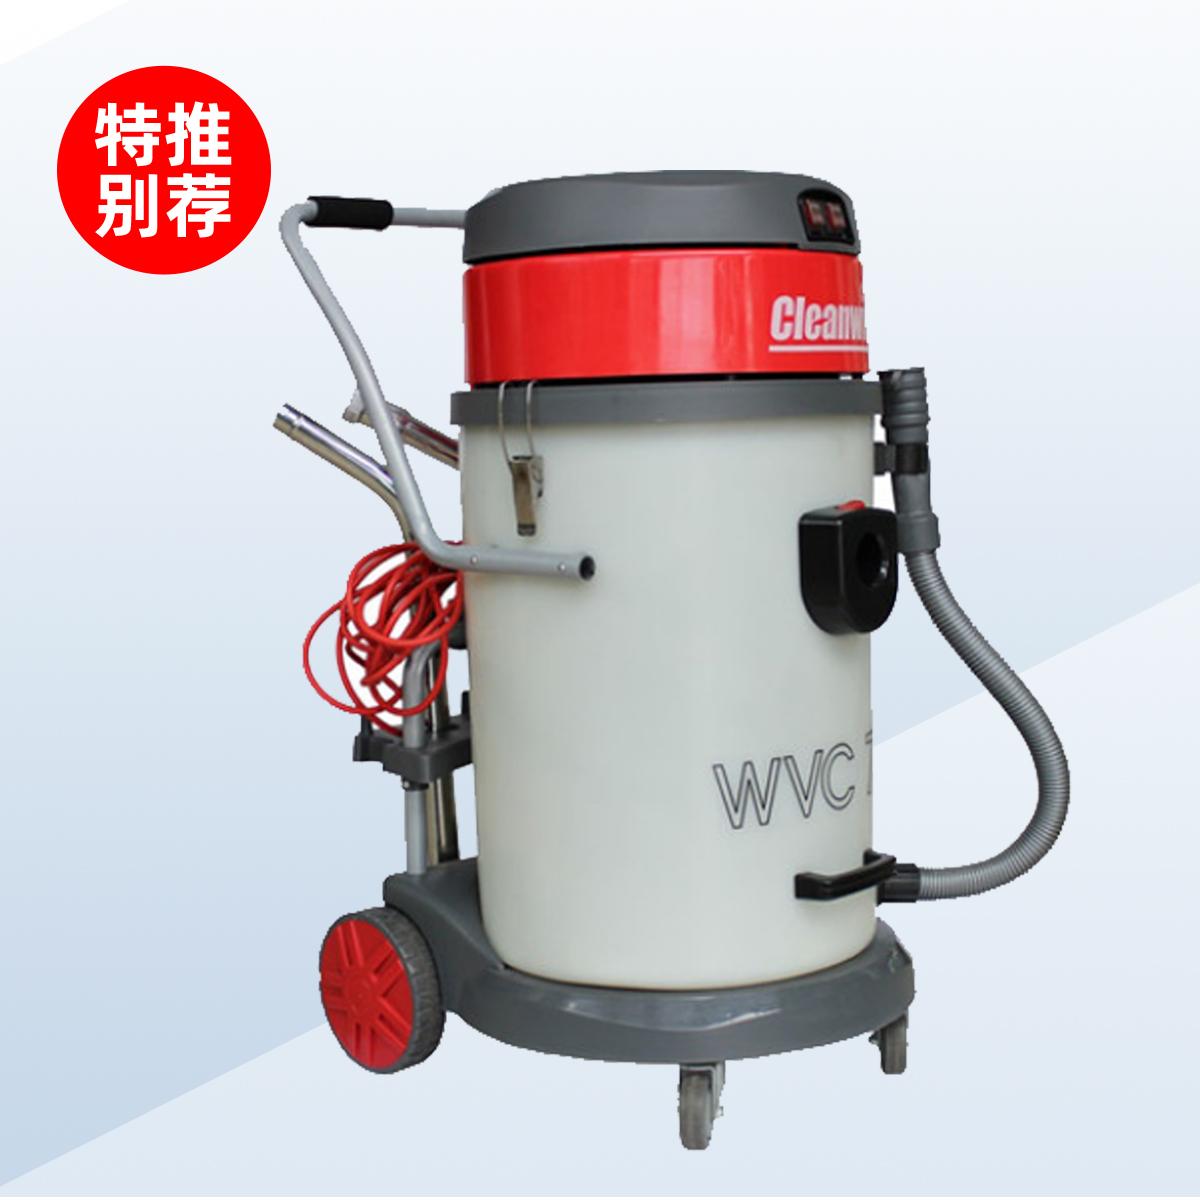 克力威WVC702P 高效吸水机